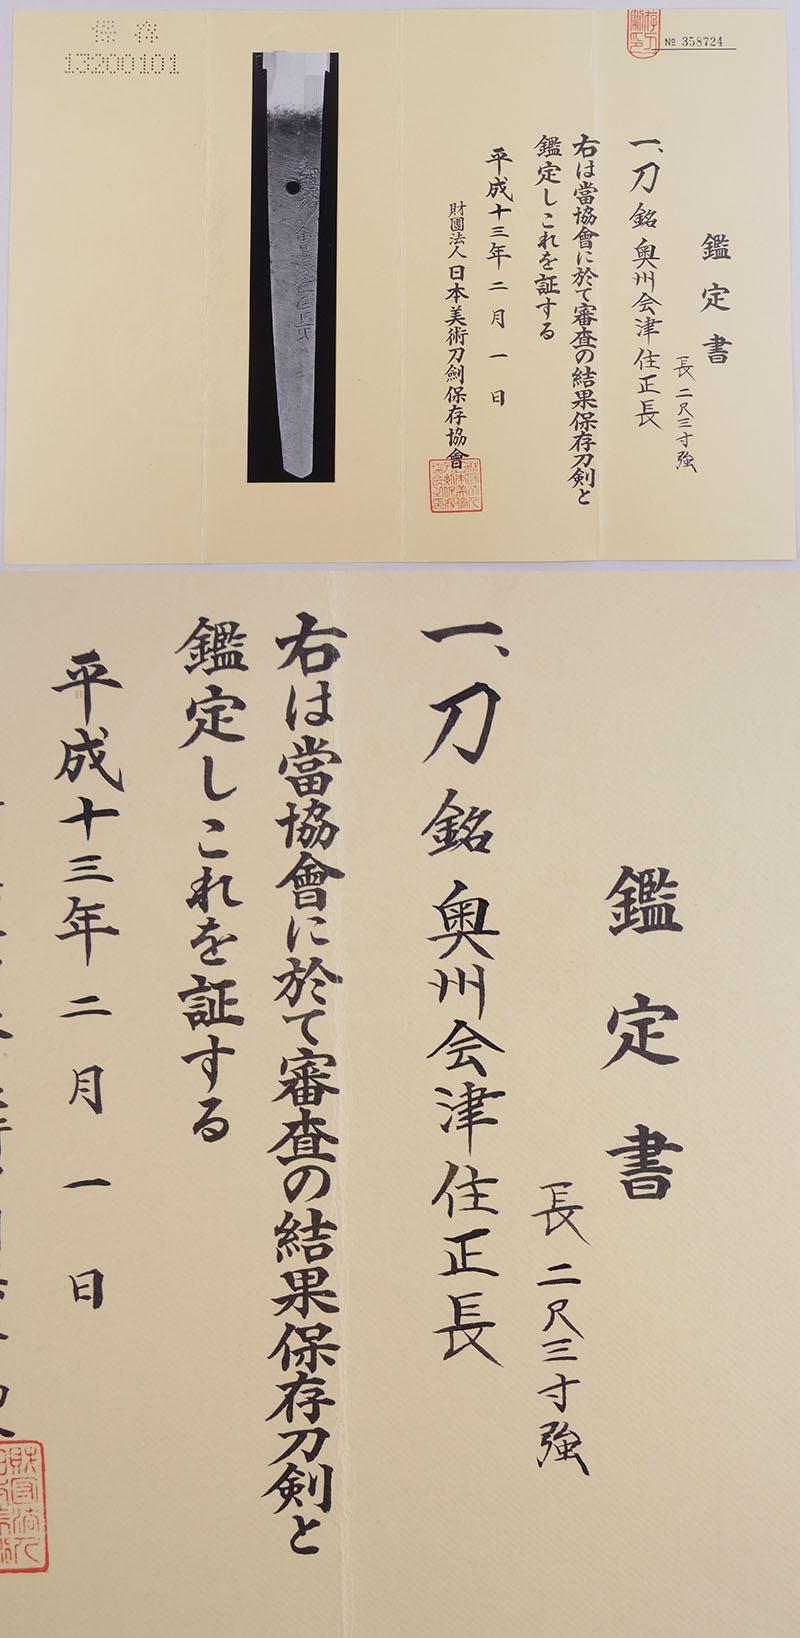 奥州会津住正長(三善政長) Picture of Certificate